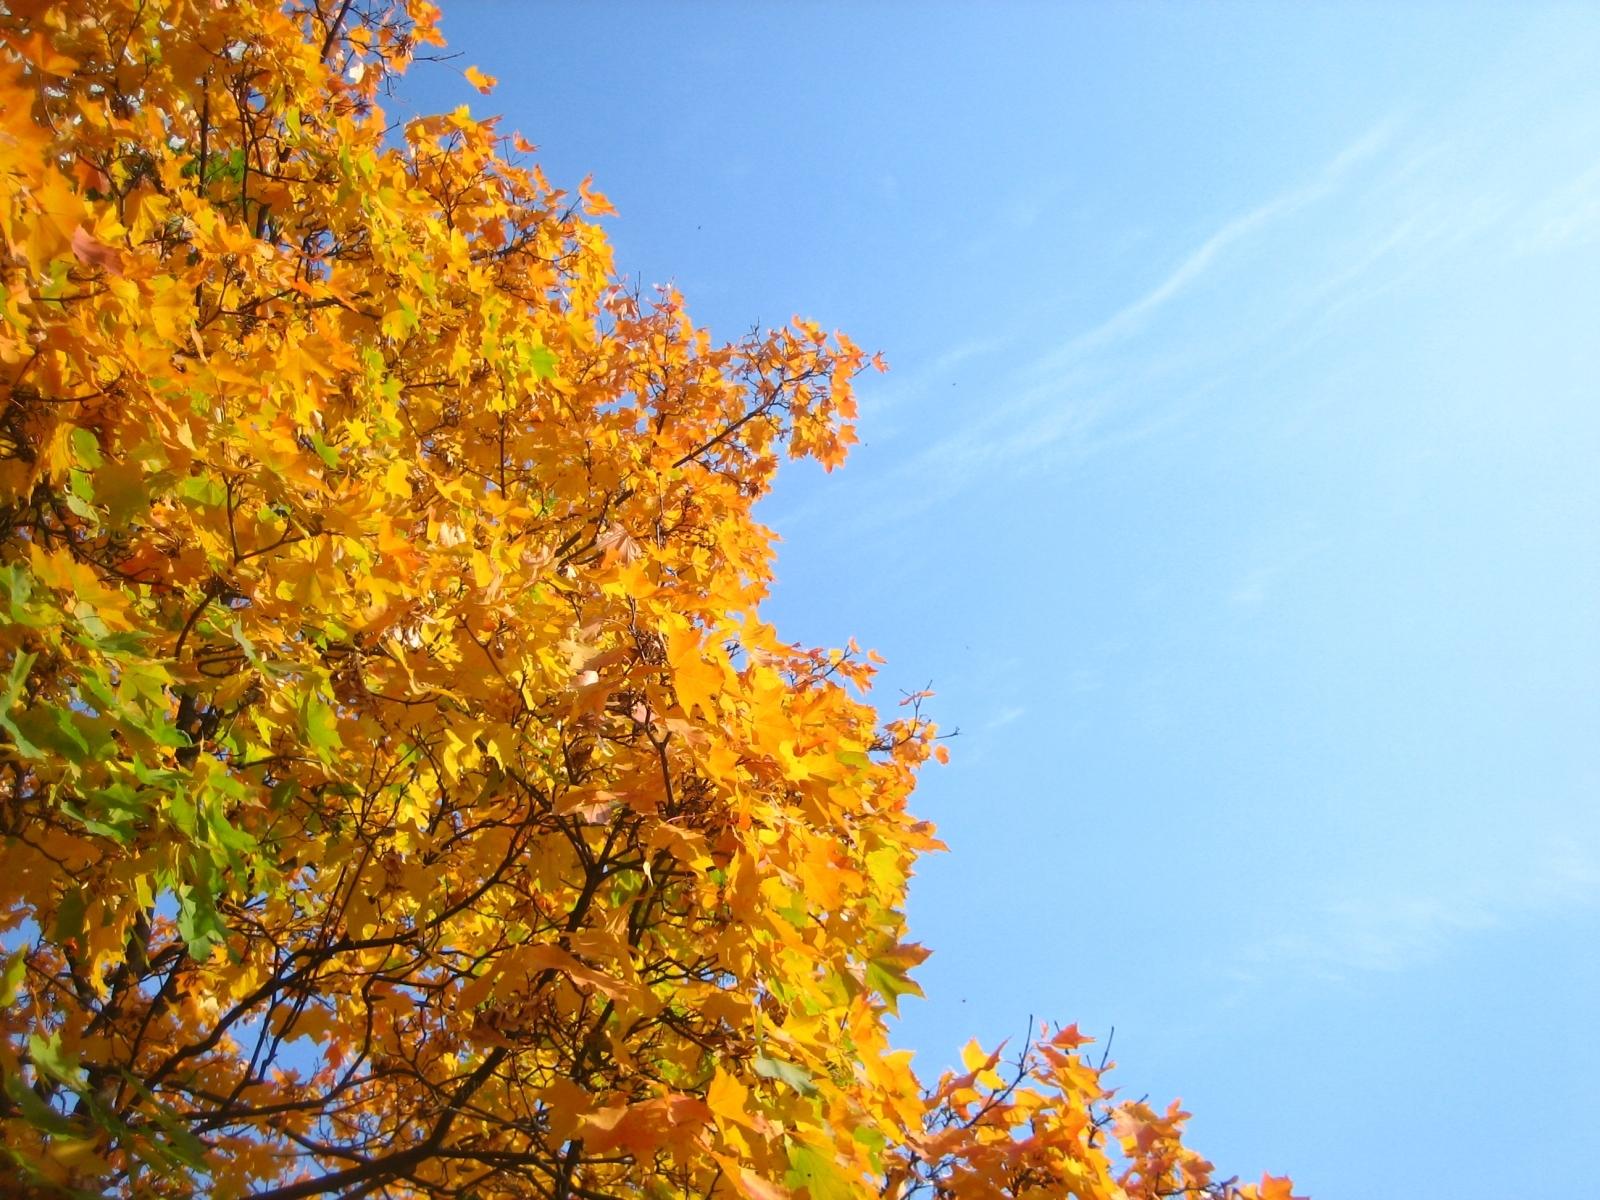 Скачать картинку Осень, Растения, Деревья в телефон бесплатно.